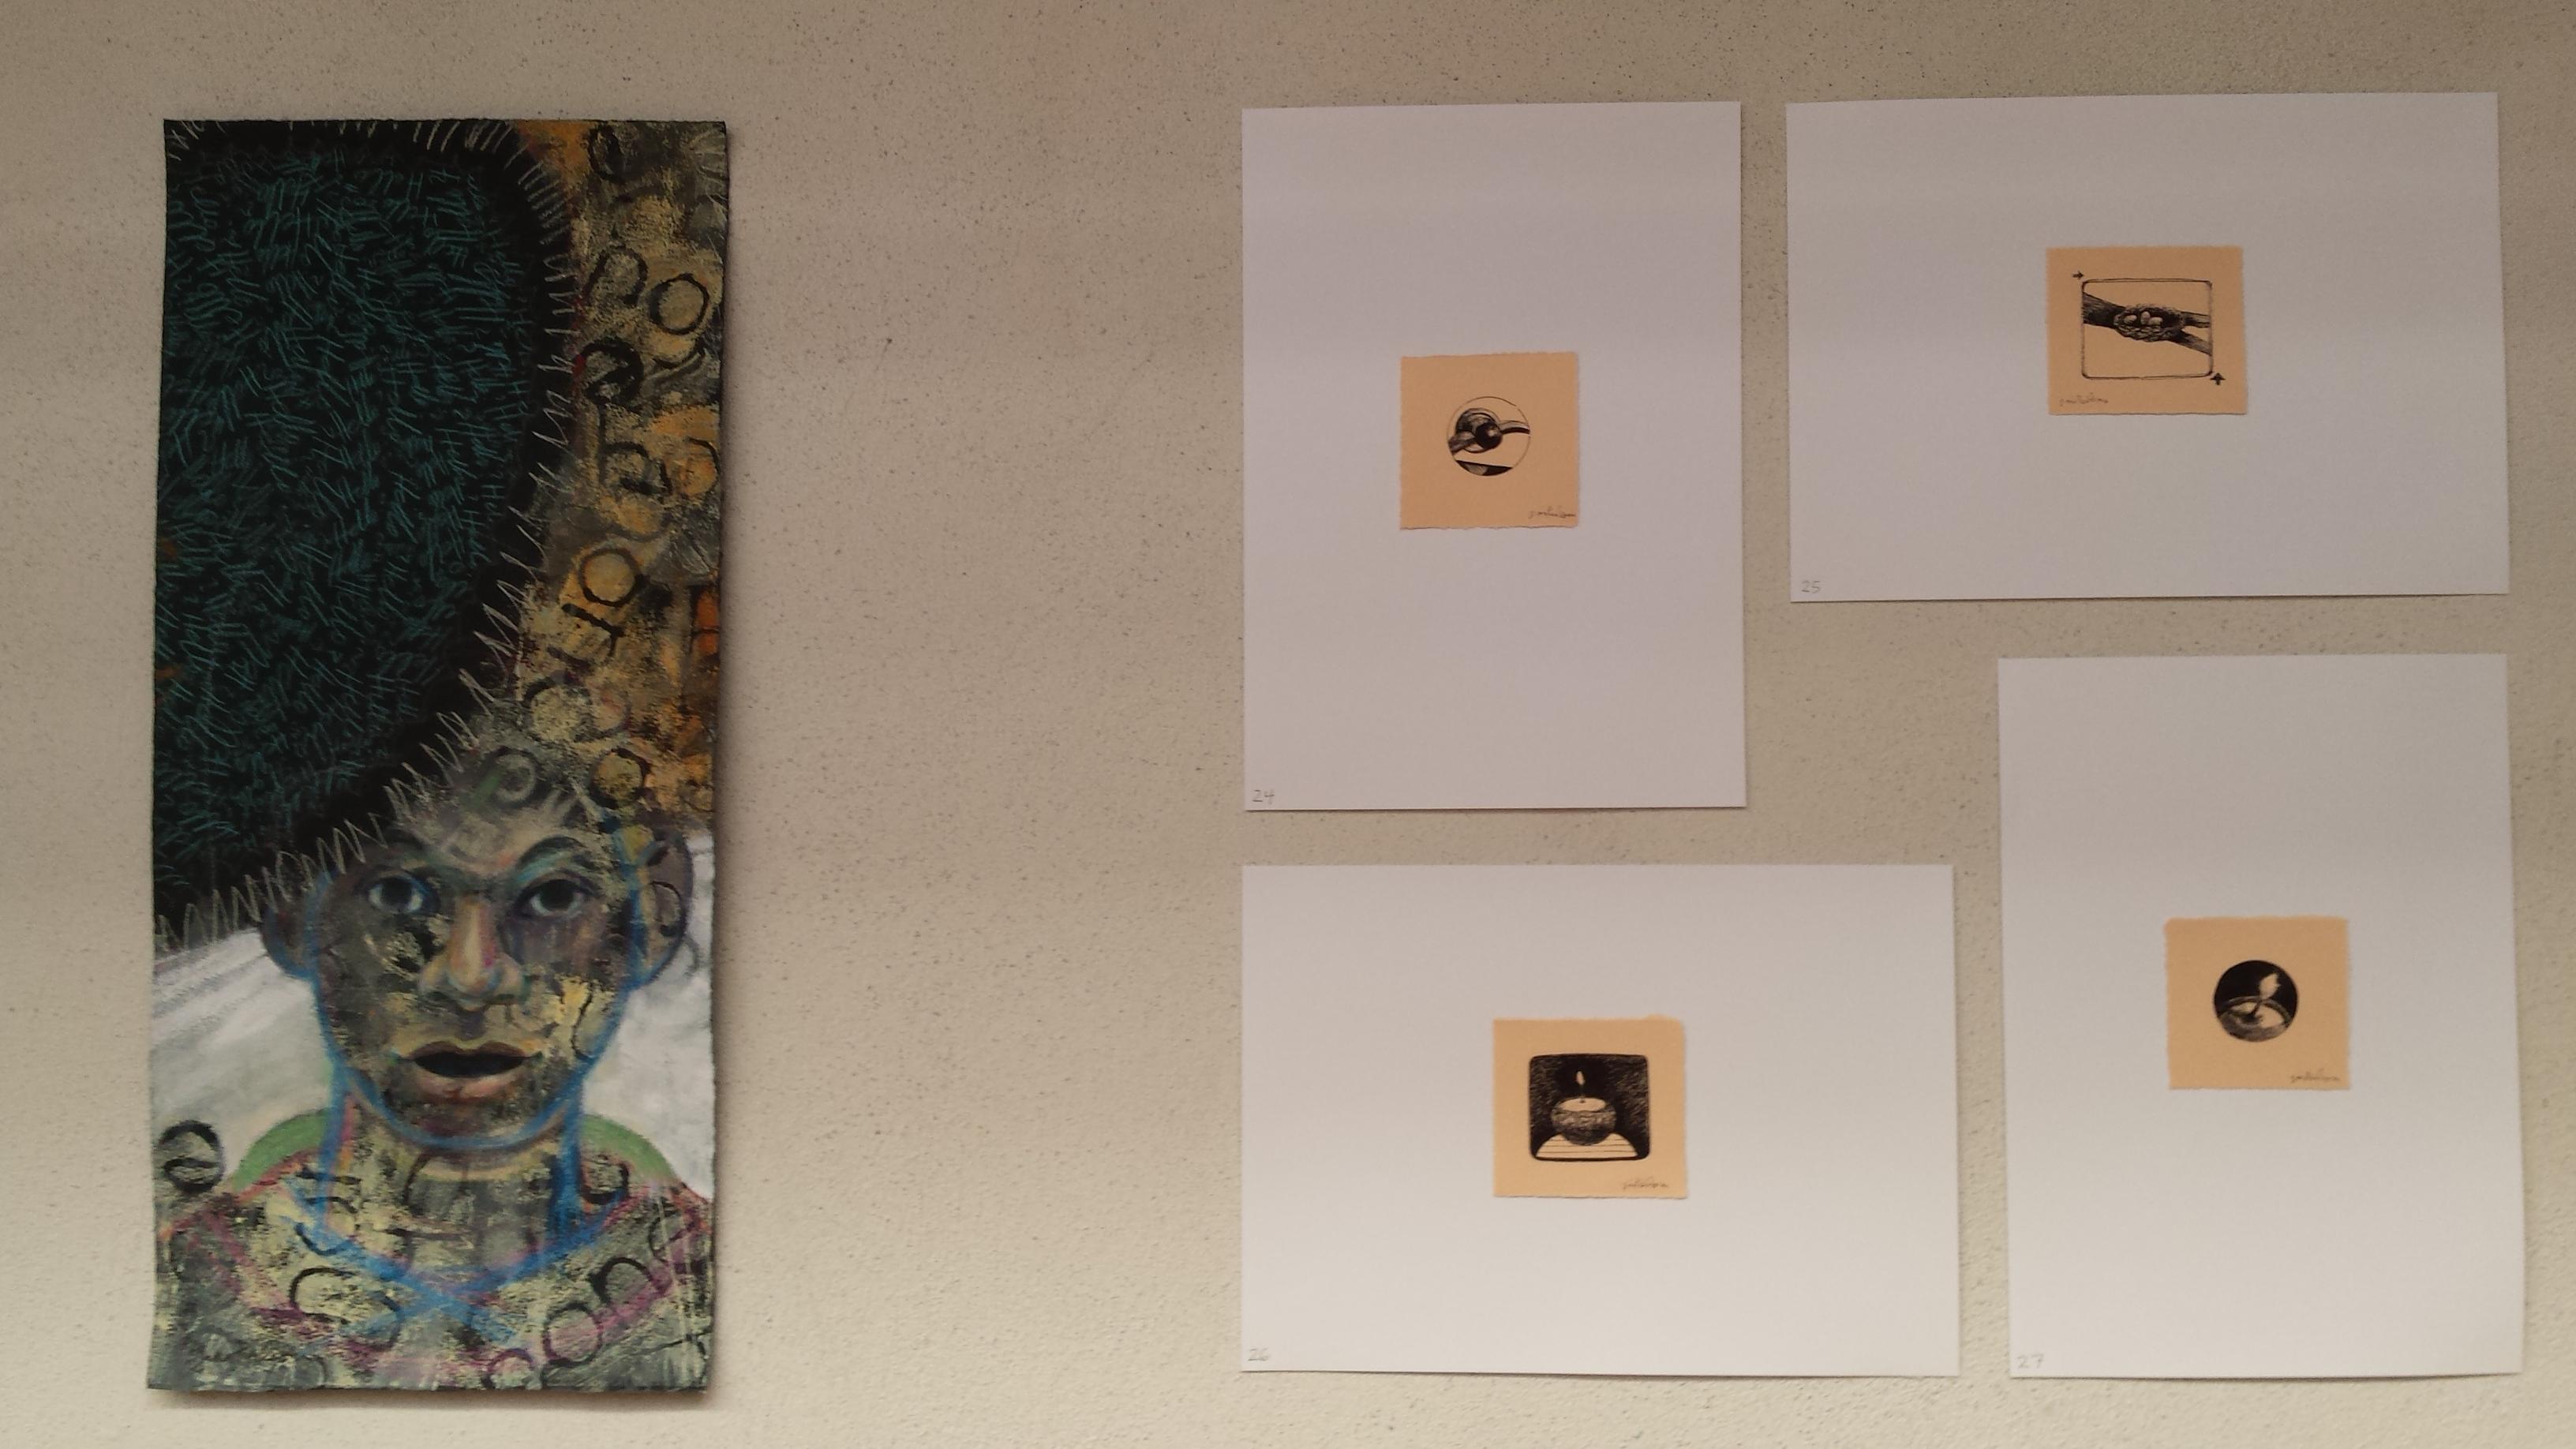 installation detail at Gina Pierleoni exhibit at Uferwerk